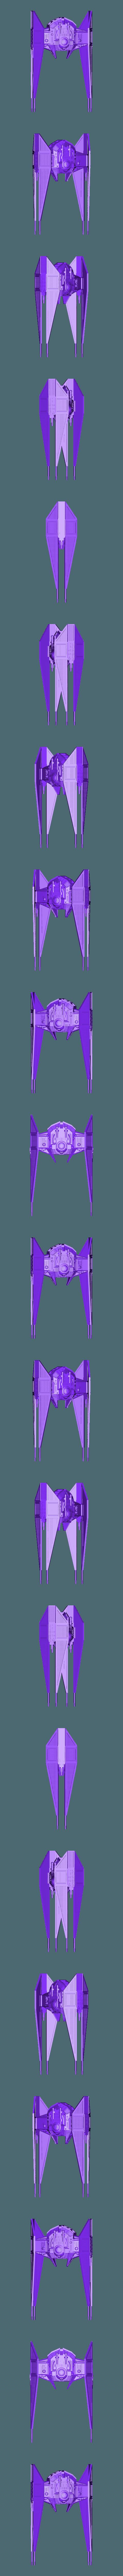 Corps_entier.stl Télécharger fichier STL gratuit Kylo Ren Tie fighter • Objet à imprimer en 3D, Zekazz